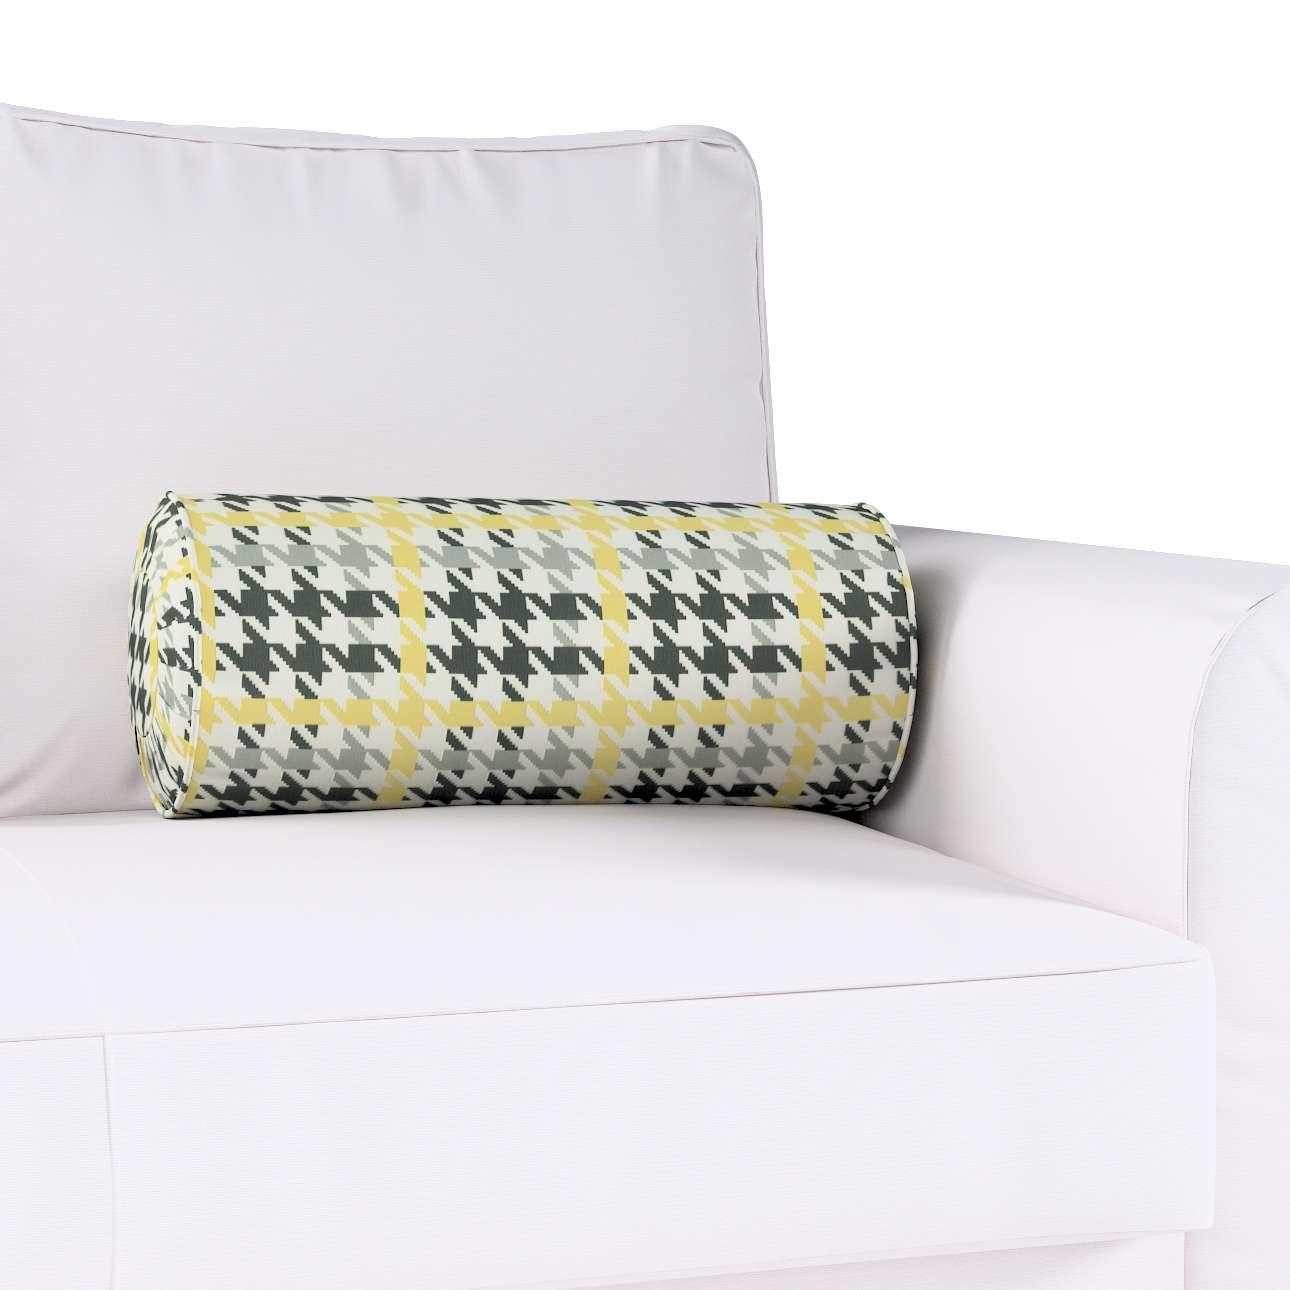 Poduszka wałek z zakładkami w kolekcji Brooklyn, tkanina: 137-79